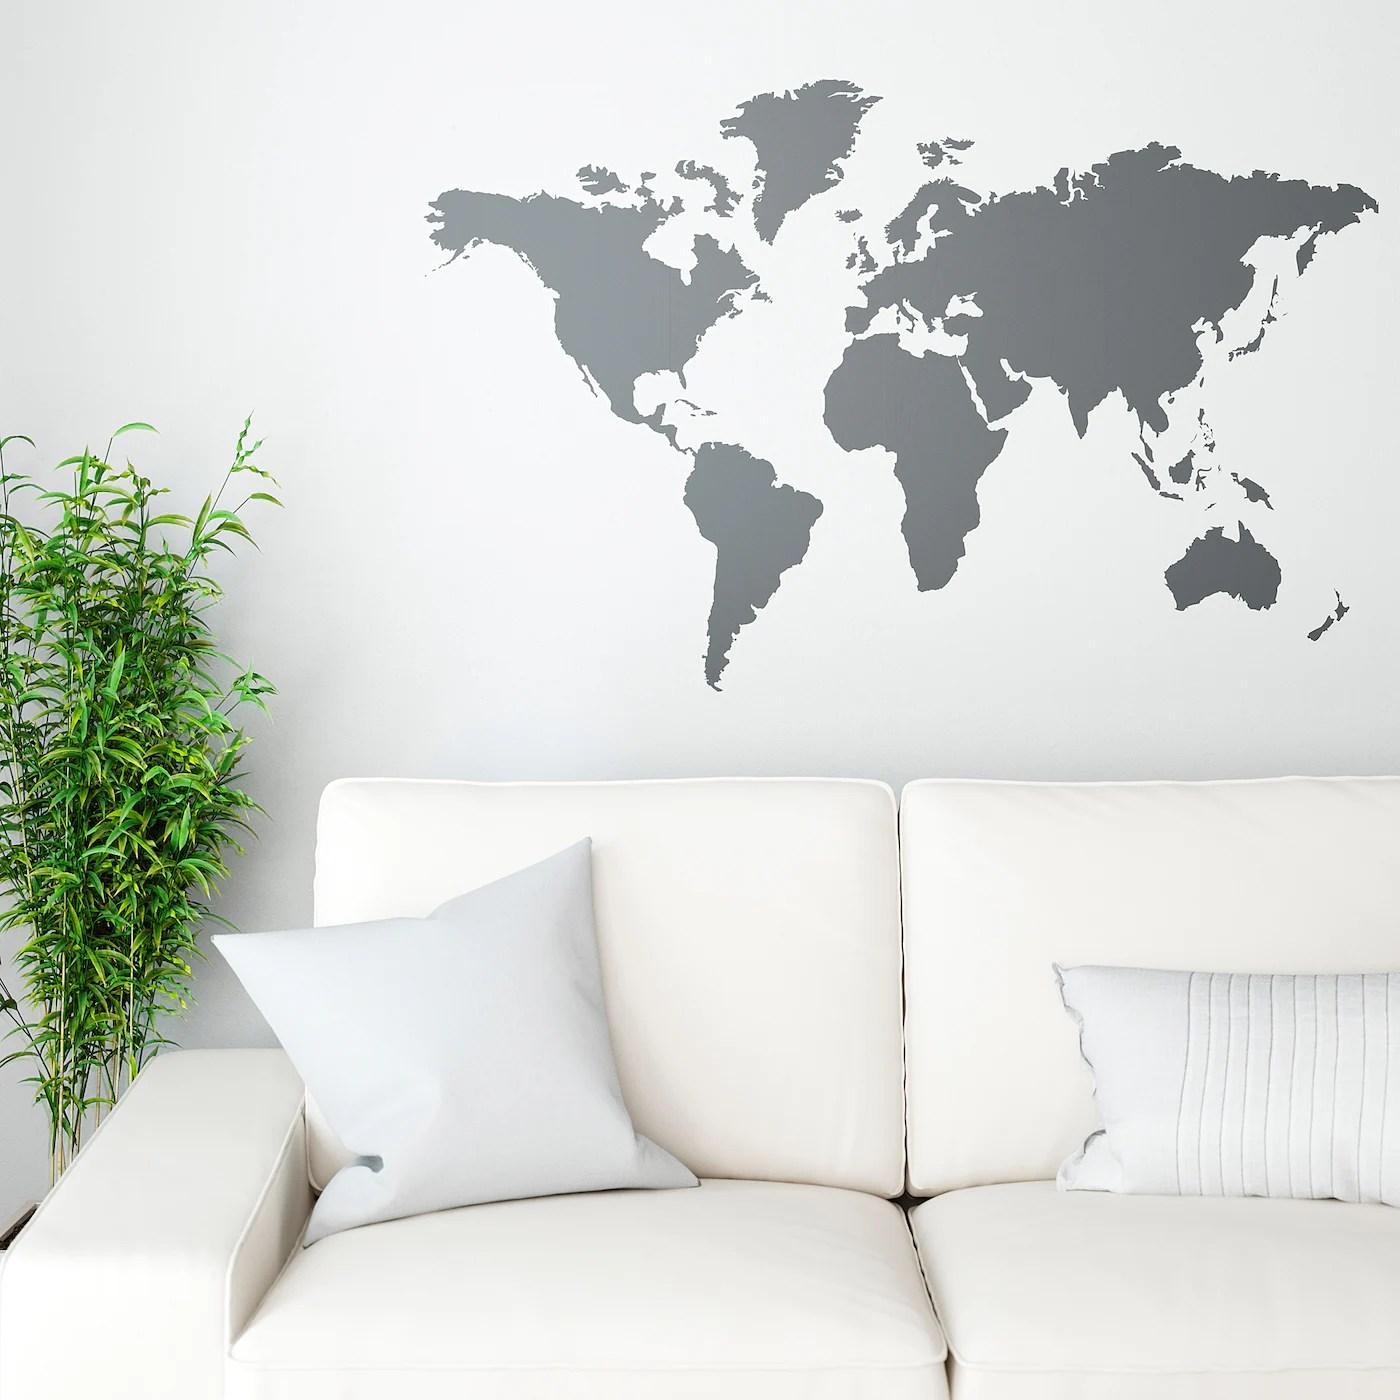 Dove posso acquistare le decorazioni adesive per pareti? Klatta Decorazione Autoadesiva Mondo Lavagna Ikea It